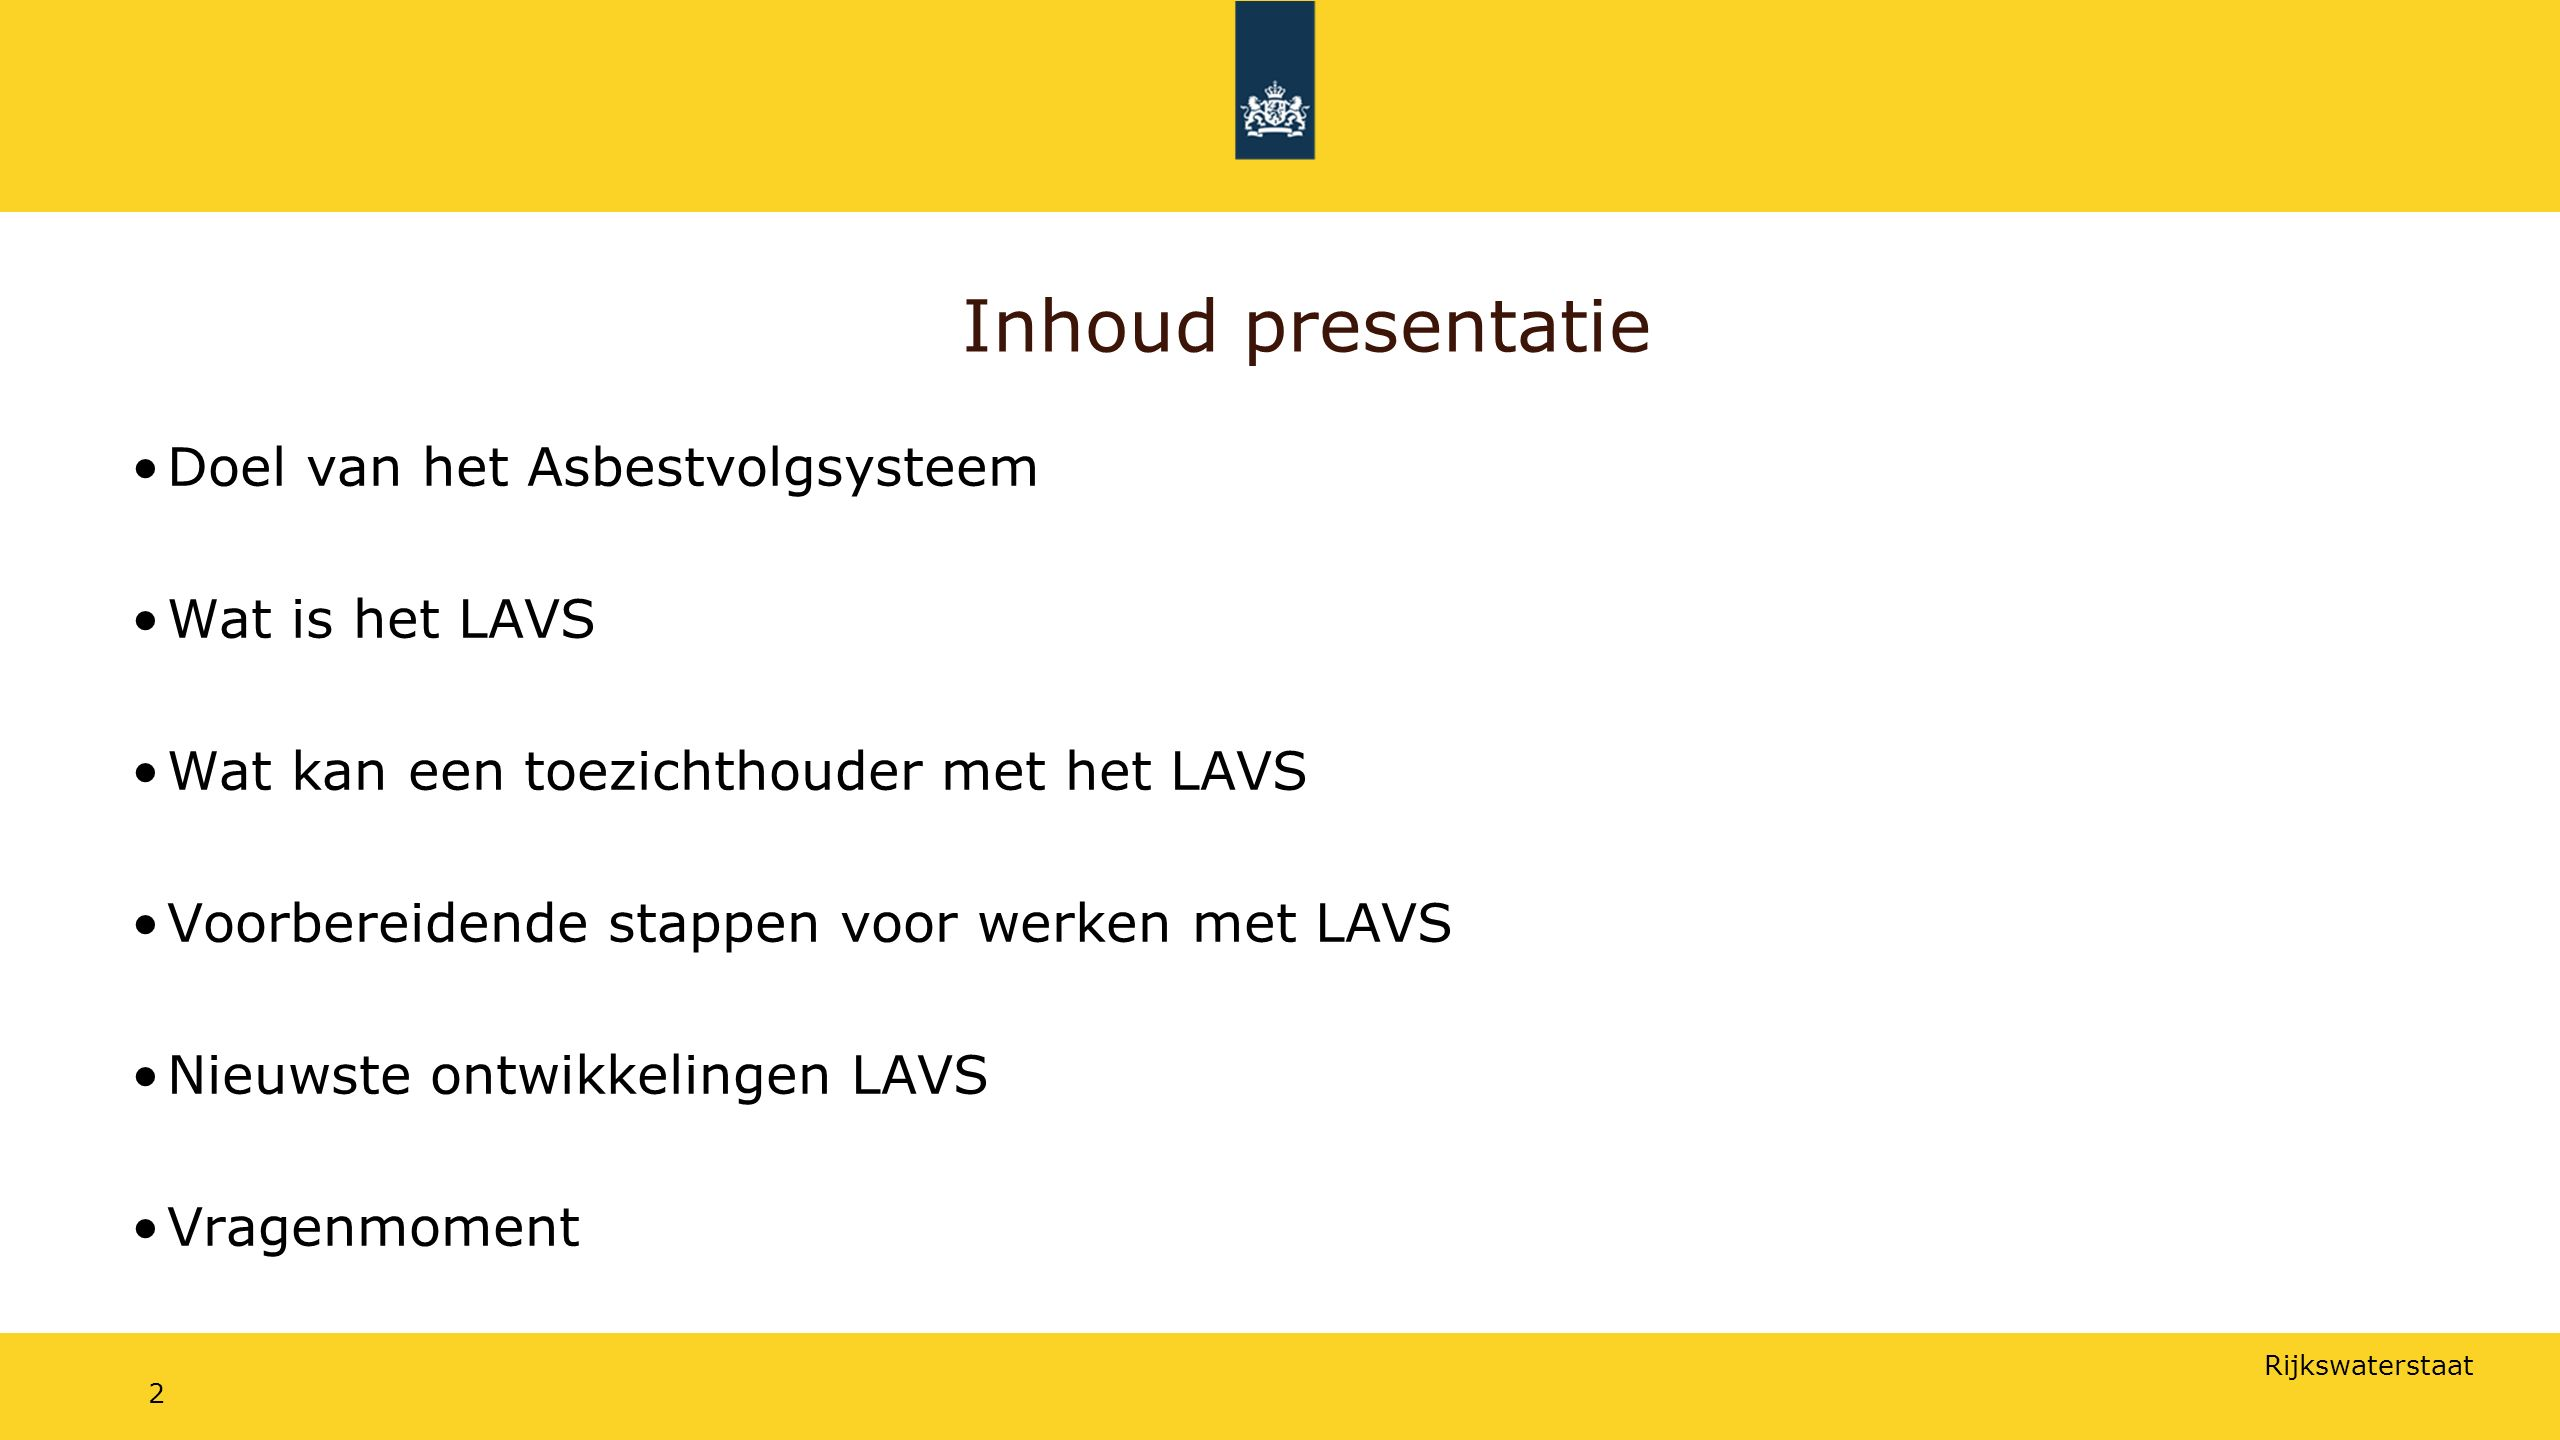 Rijkswaterstaat Inhoud presentatie Doel van het Asbestvolgsysteem Wat is het LAVS Wat kan een toezichthouder met het LAVS Voorbereidende stappen voor werken met LAVS Nieuwste ontwikkelingen LAVS Vragenmoment 2